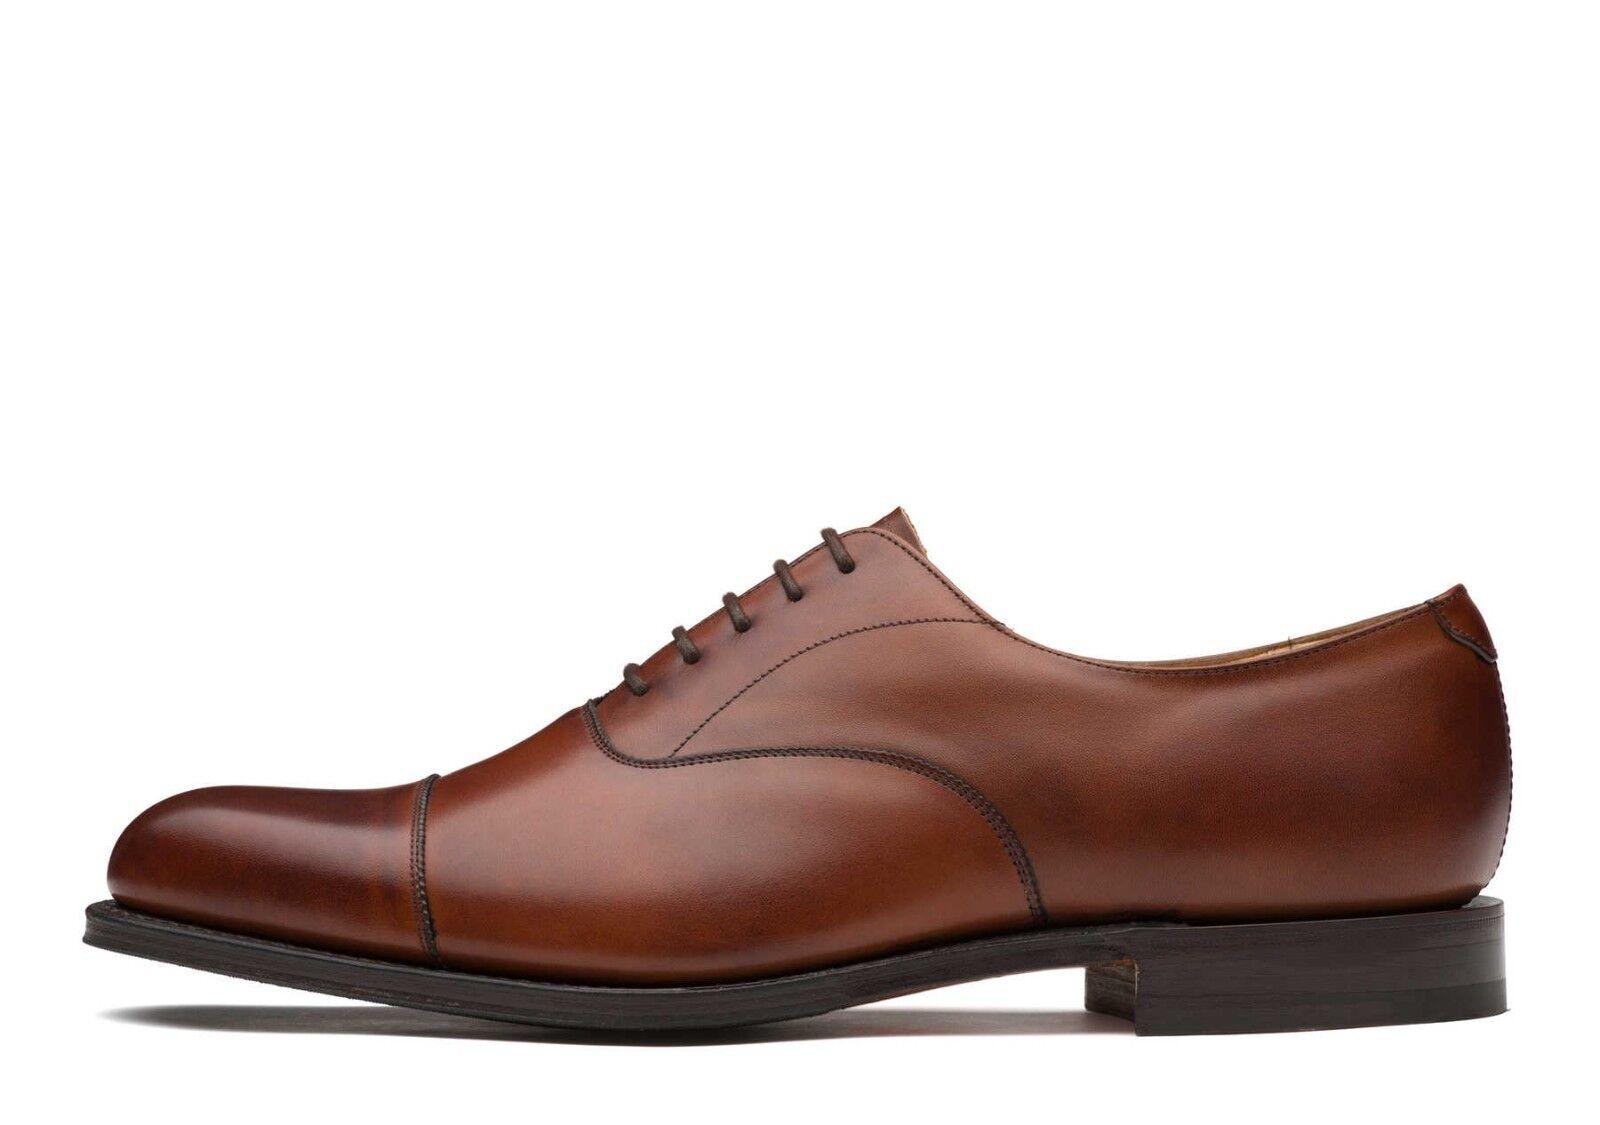 fino al 42% di sconto Uomo handmade Tan Classic Oxford Nero Abito mostra ufficiale Lacci Lacci Lacci Scarpe  senza esitazione! acquista ora!